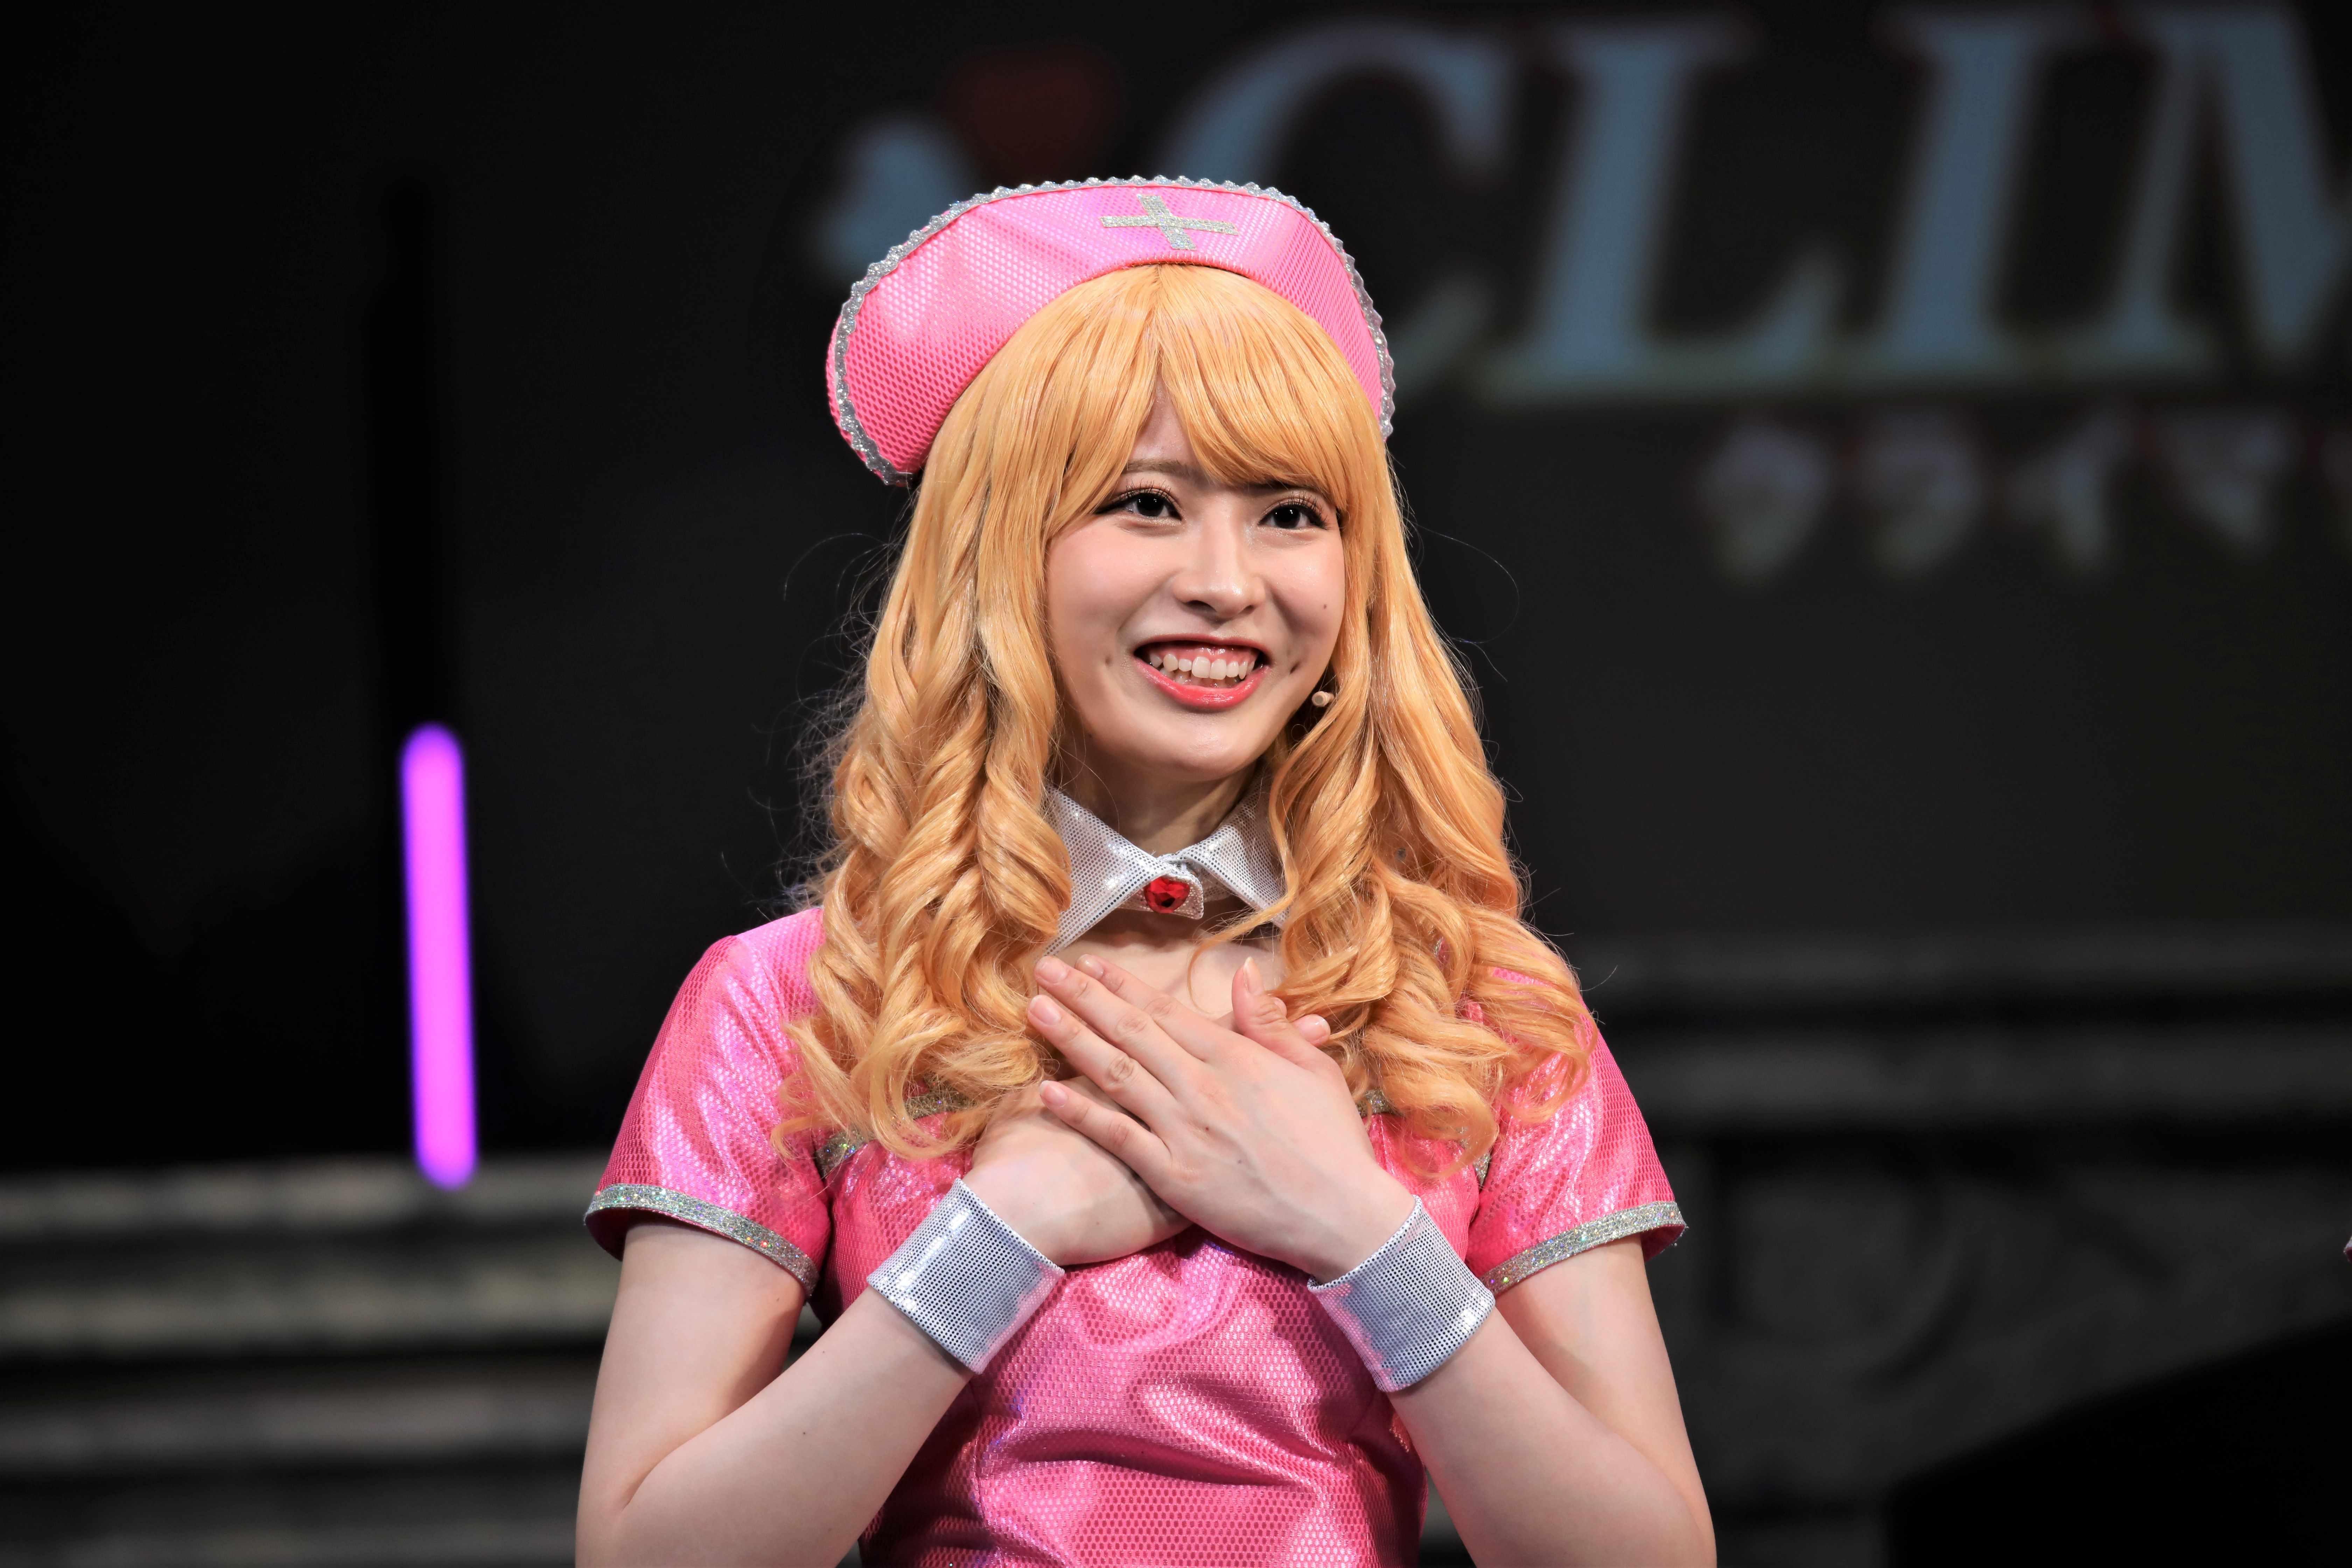 行天優莉奈「体のラインが凄く出ていますので、皆さんのスタイルの良さが際立っています」©永井豪/ダイナミック企画・舞台「Cutie Honey Climax」製作委員会 無断アップロード及び転送は一切禁止です。